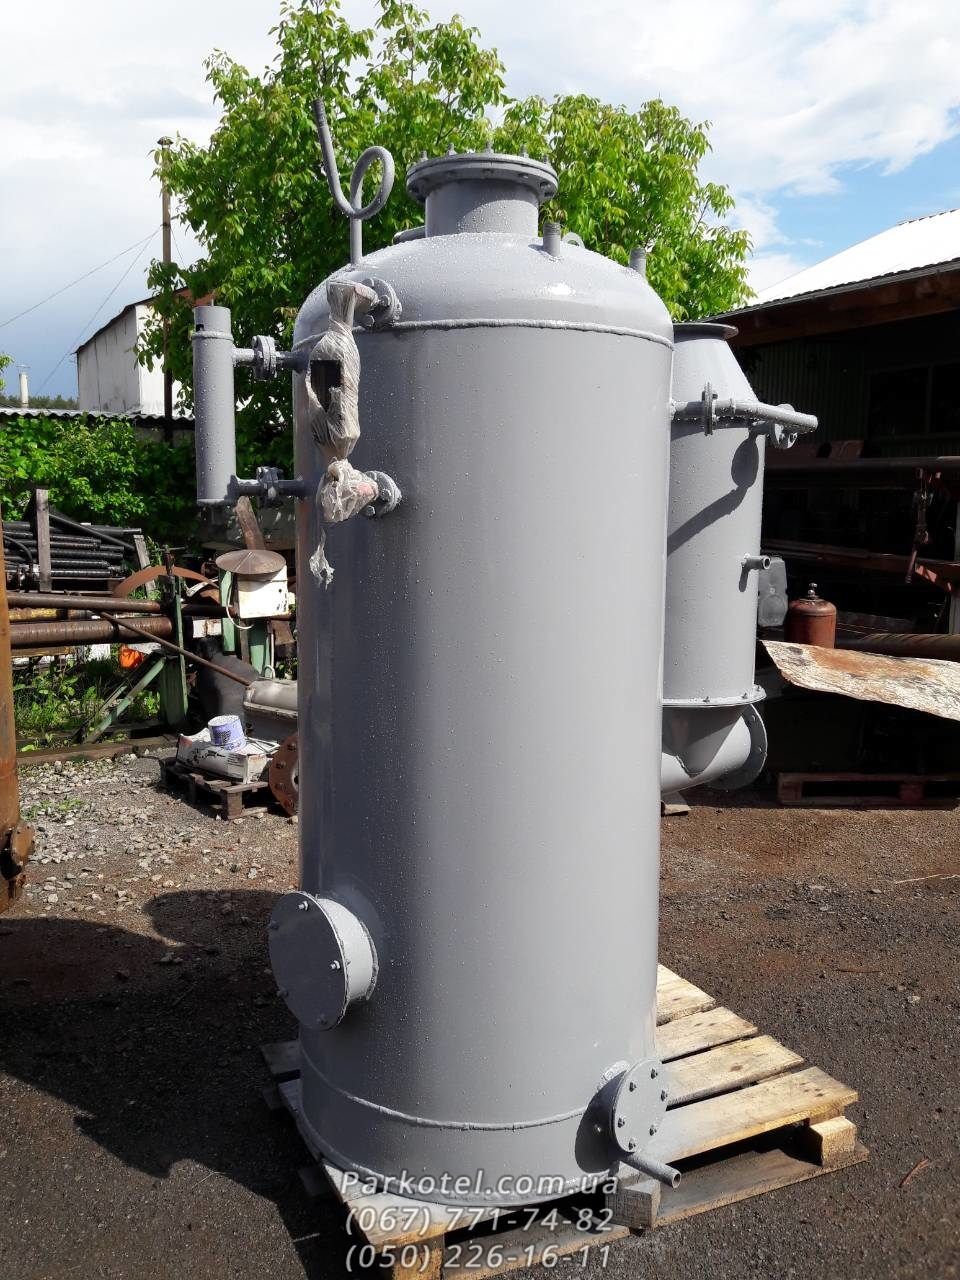 Паровой котел (Парогенератор) КД-400 на твердом топливе (дрова, уголь, торфяные брикеты)